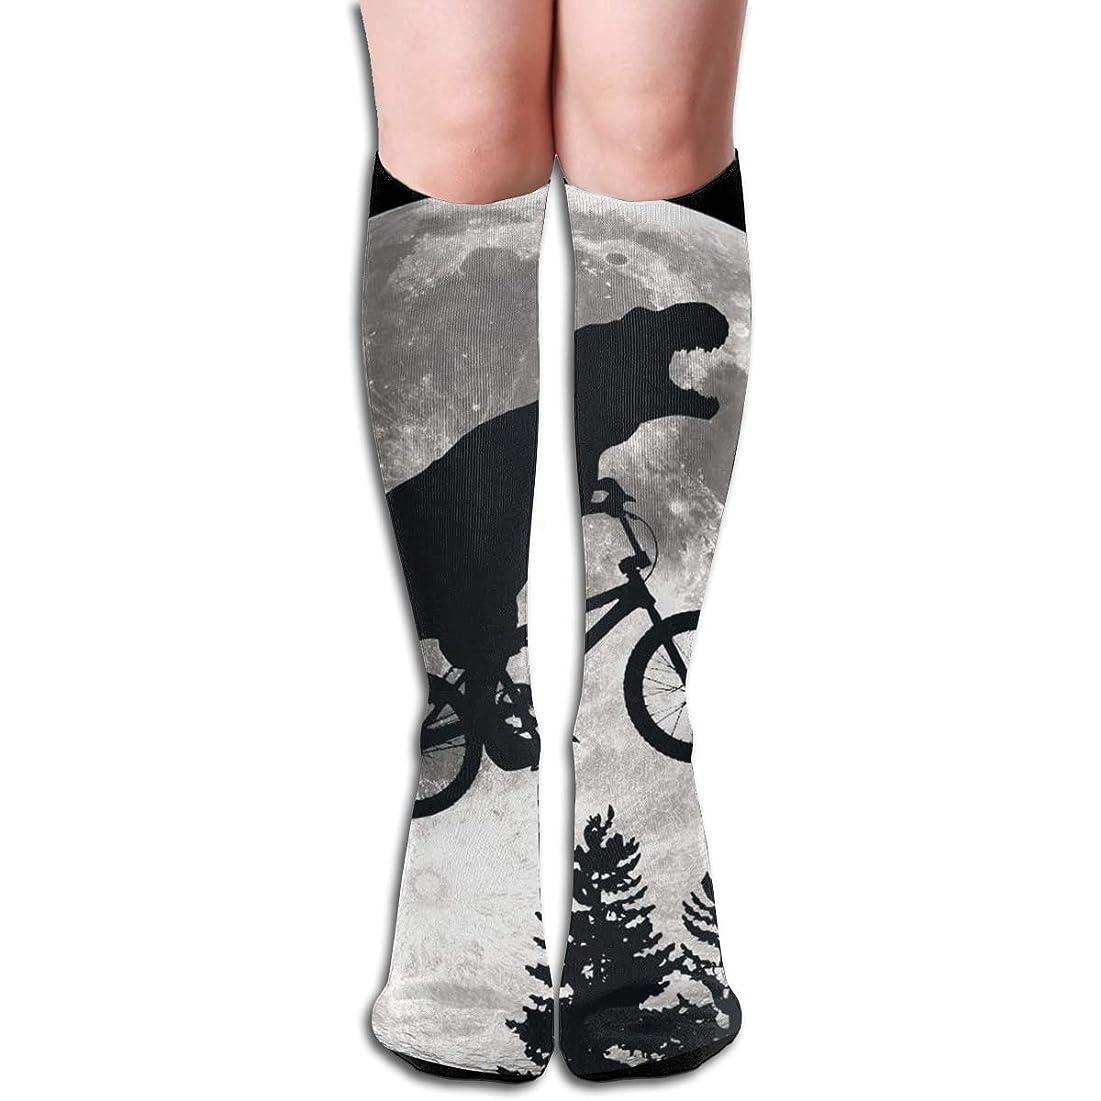 刺激するそれらインシデントqrriy女性の恐竜自転車と月ソフトクリスマス膝高ストッキング靴下、クリスマス楽しいカラフルなドレスソックス